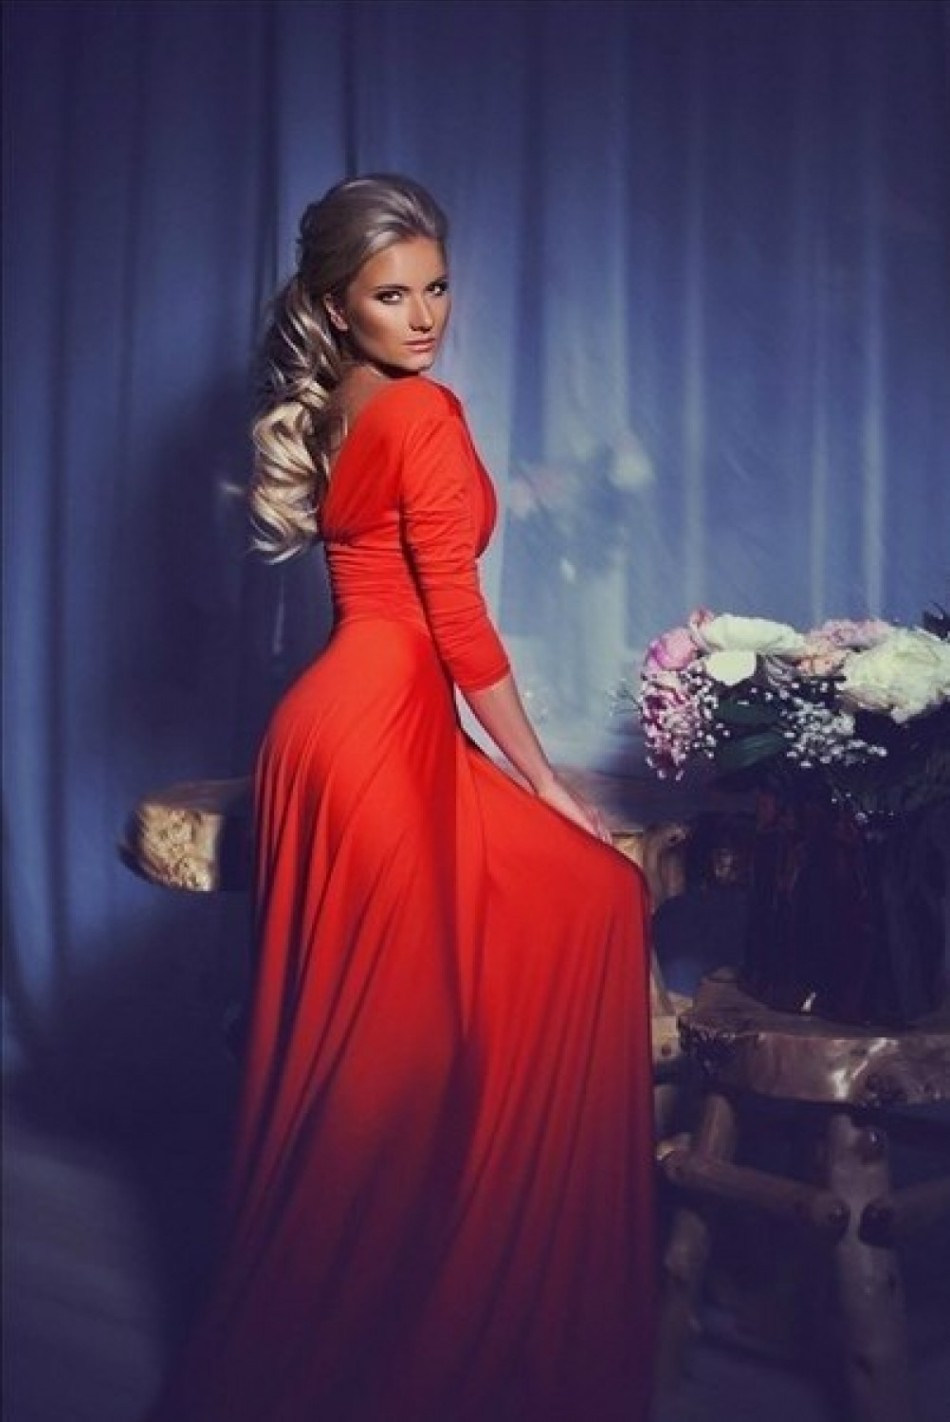 Вечерняя прическа для красного платья